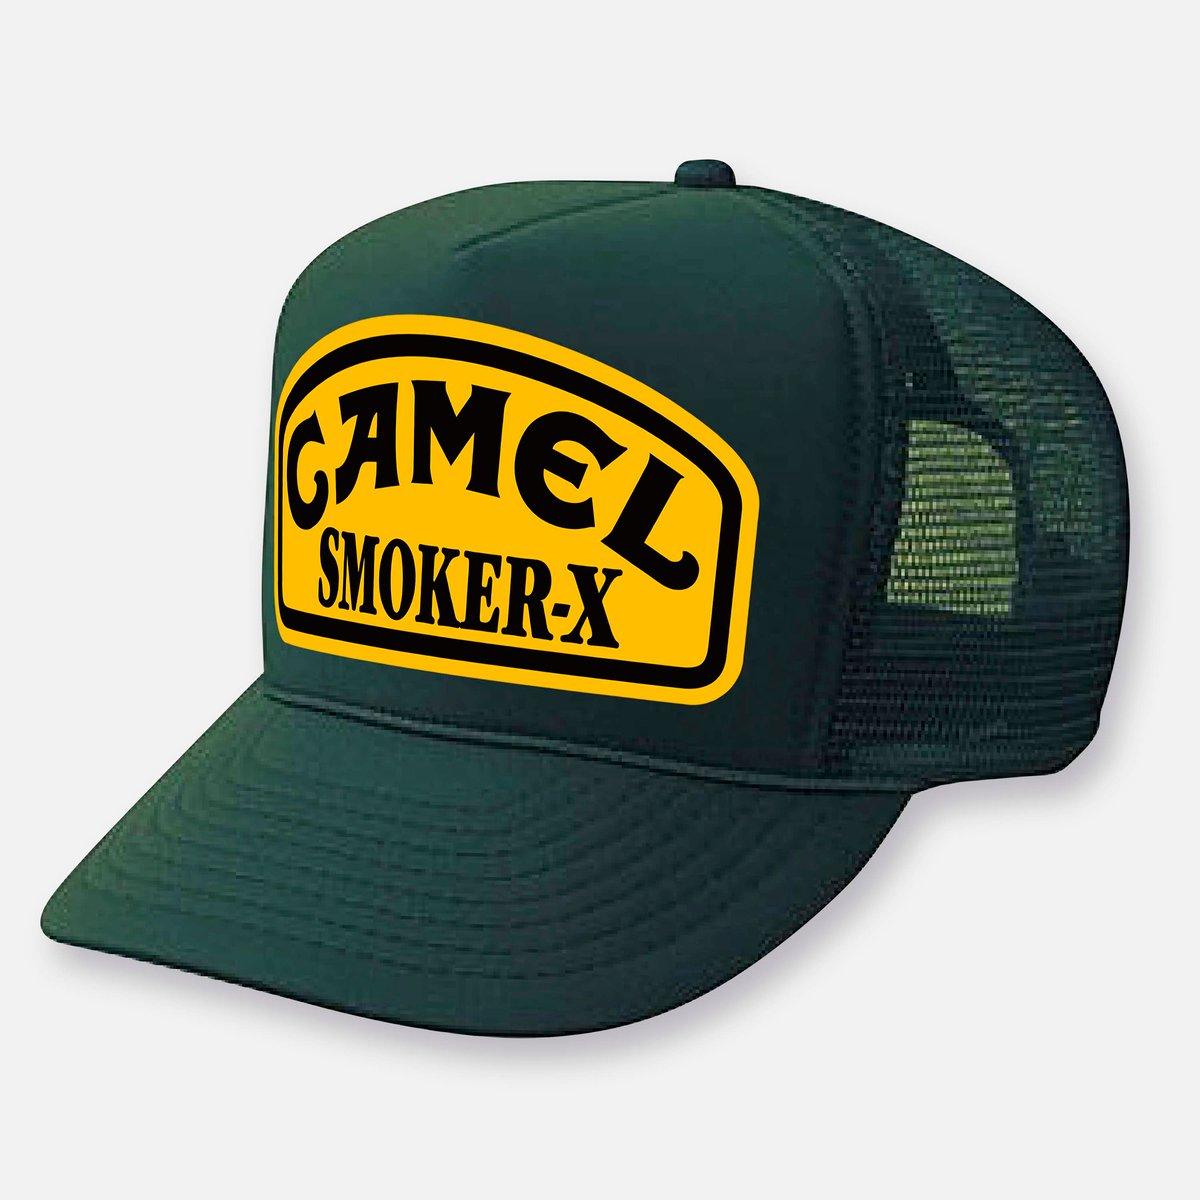 Image of SMOKER-X TALLBOY